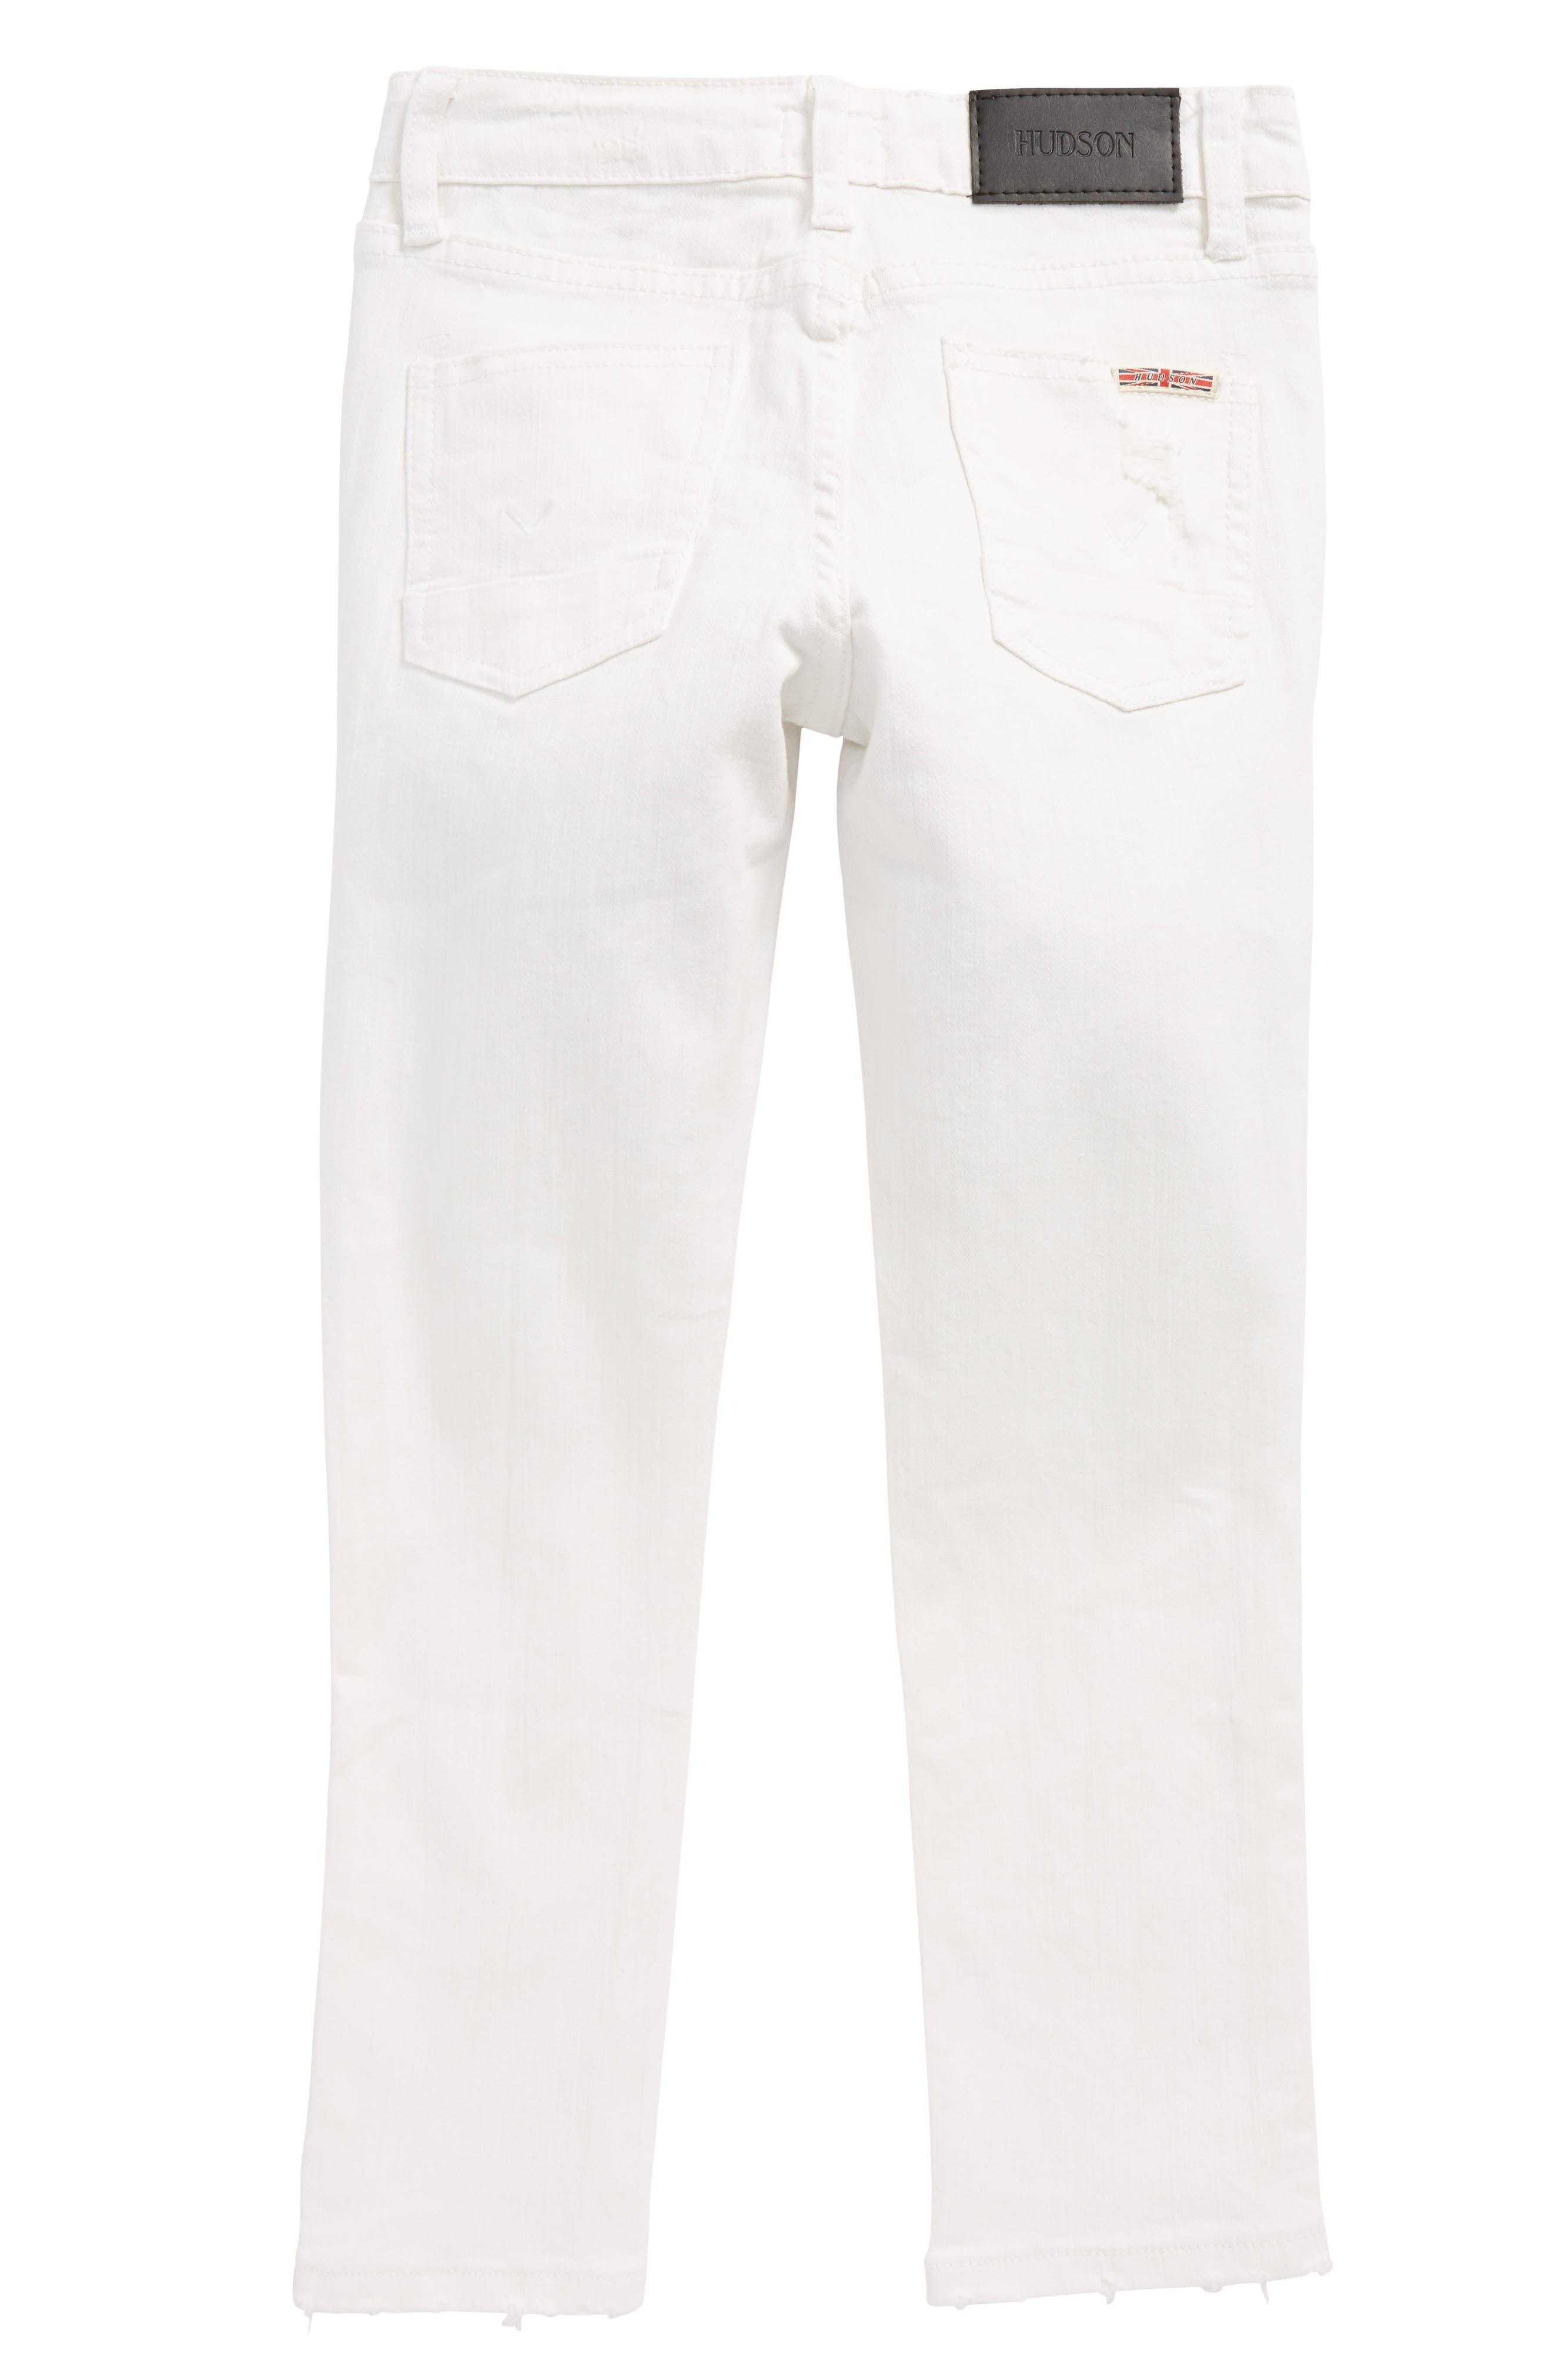 Jagger Slim Straight Leg Jeans,                             Alternate thumbnail 2, color,                             116